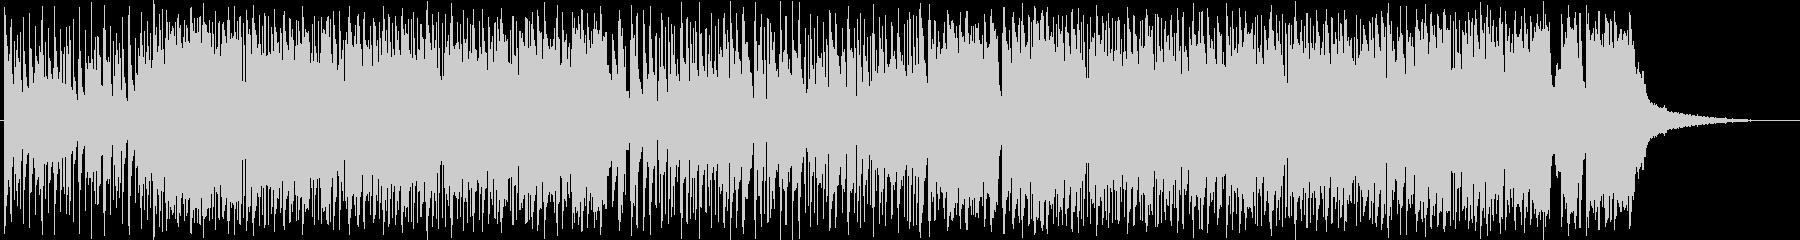 わくわく ハイテンションな電波ソングの未再生の波形